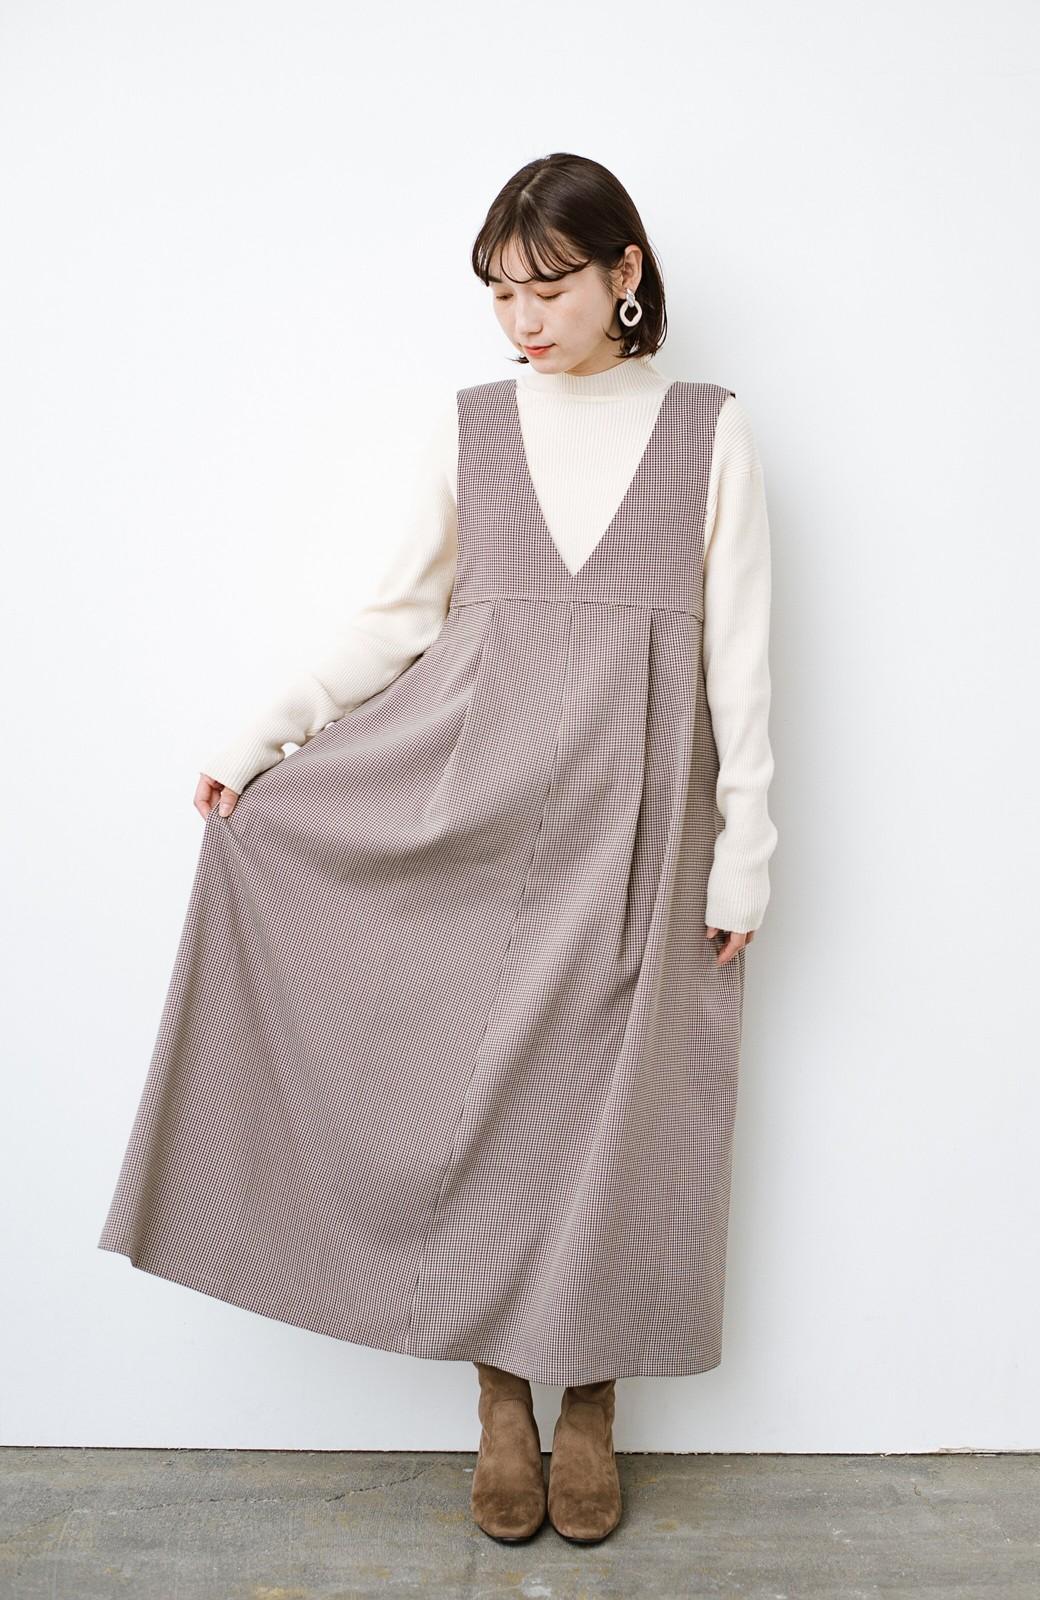 haco! 長め丈登場!Tシャツにもニットにもずーーーっと着られて便利なジャンパースカート <ブラウン系その他>の商品写真7